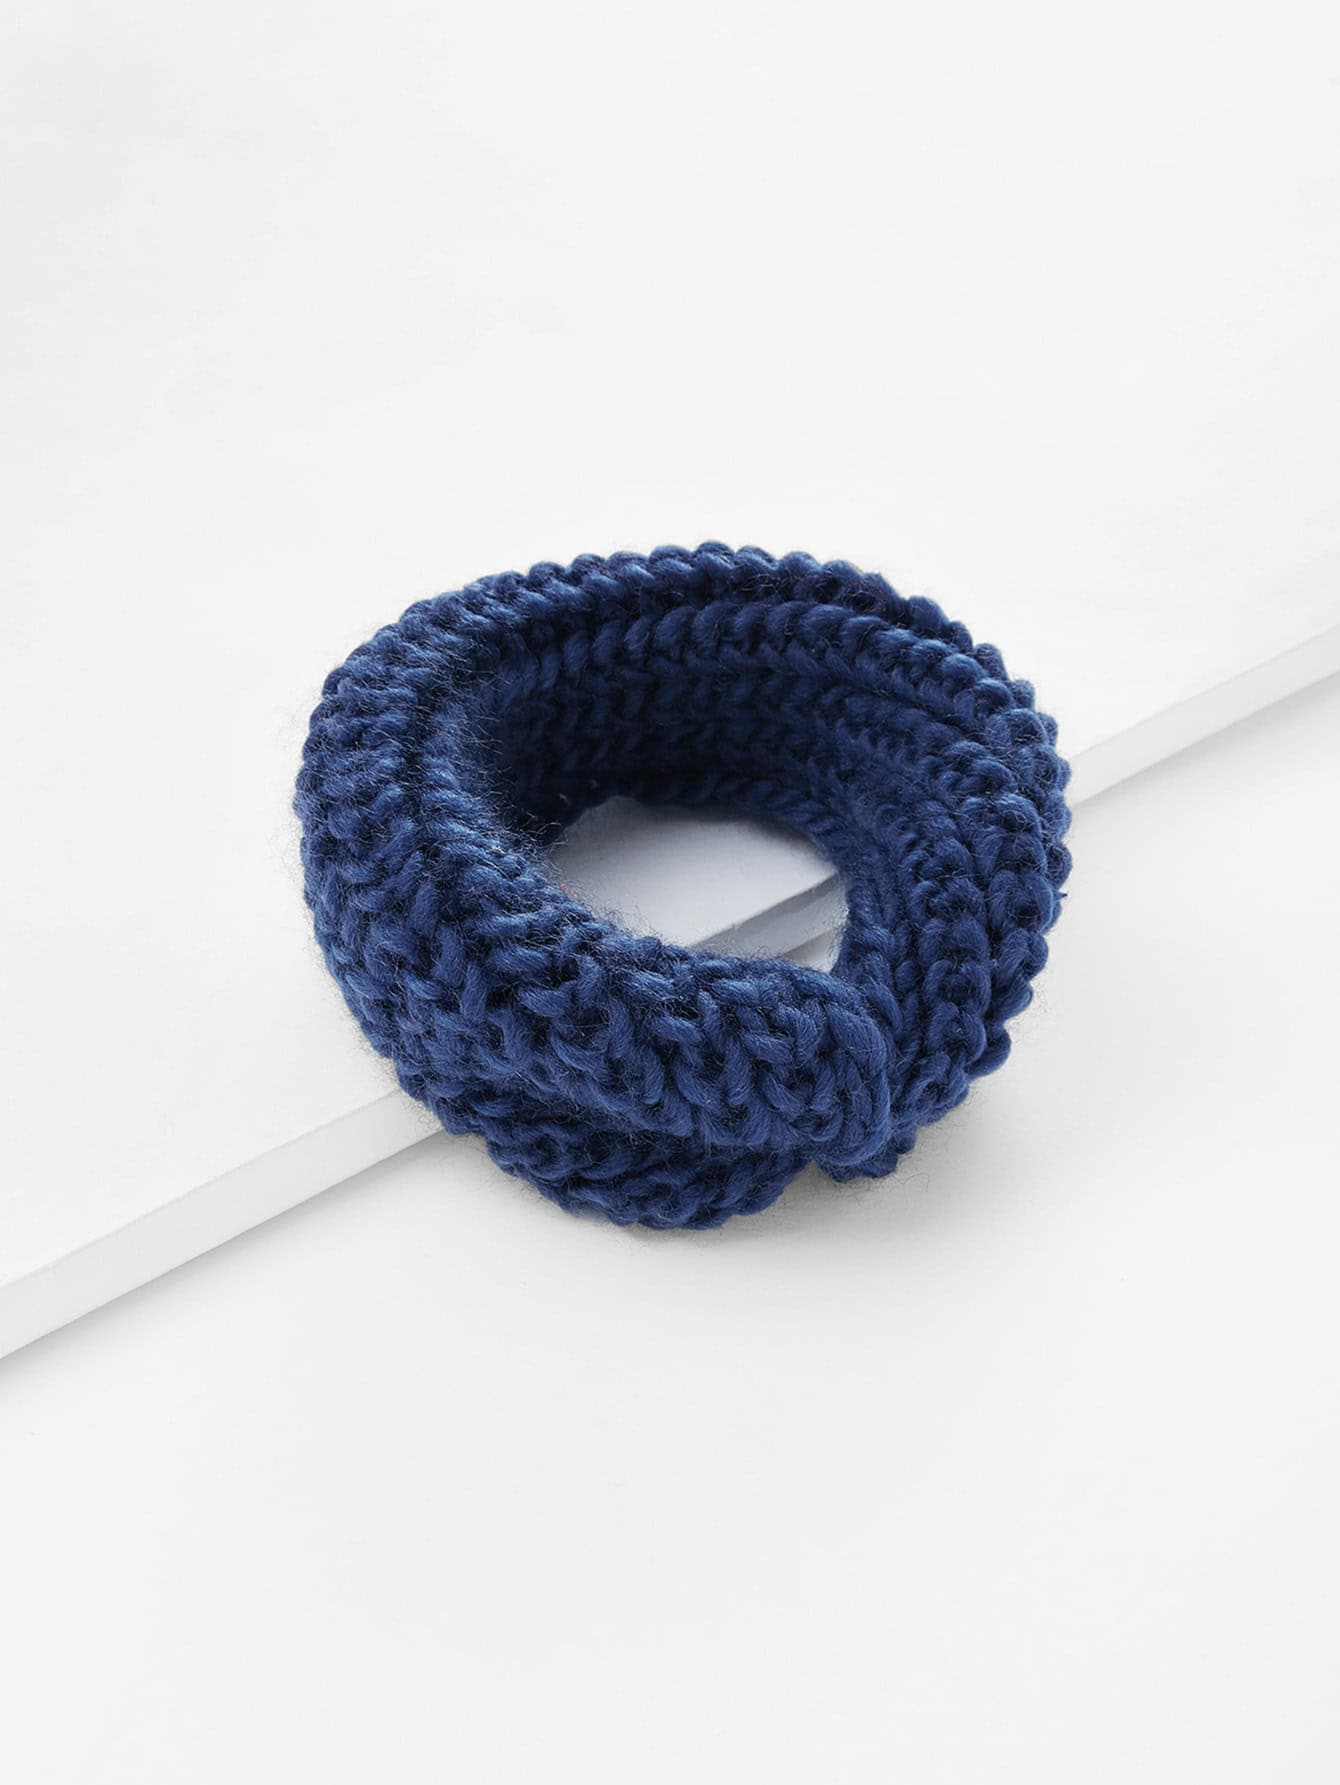 Chunky Knit Headband